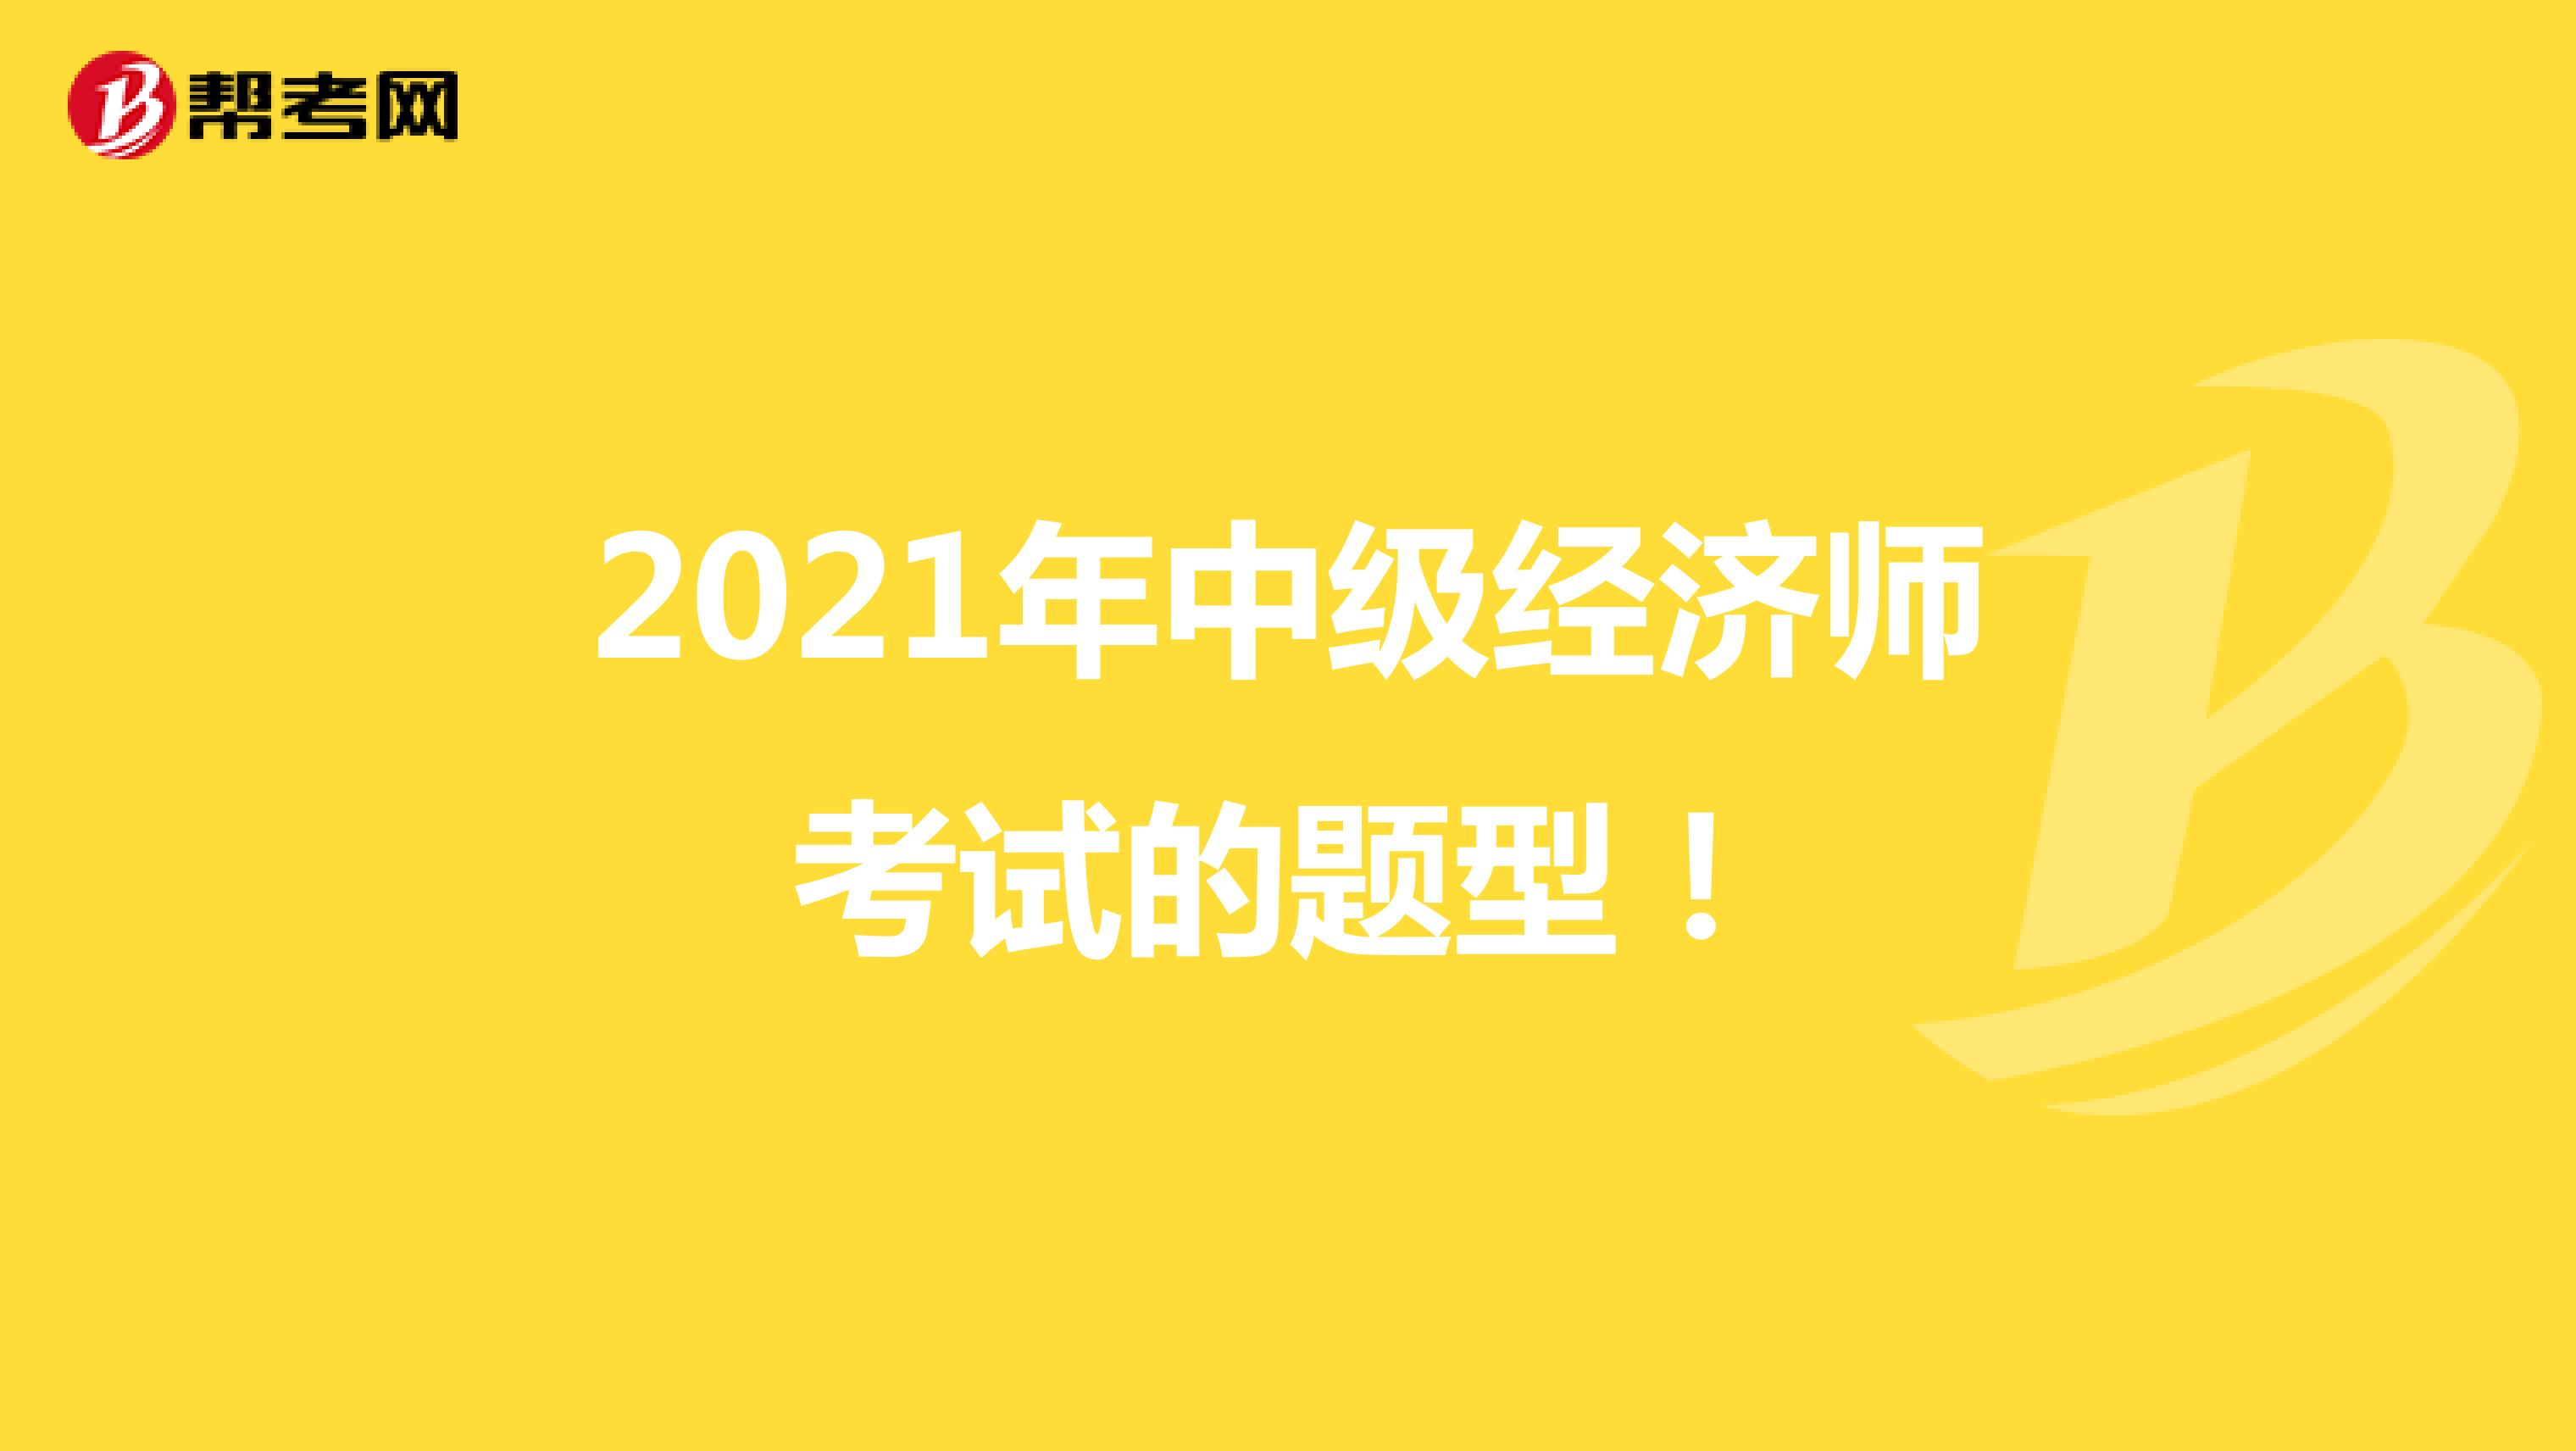 2021年(hot88电竞官网)中级经济师考试的题型!